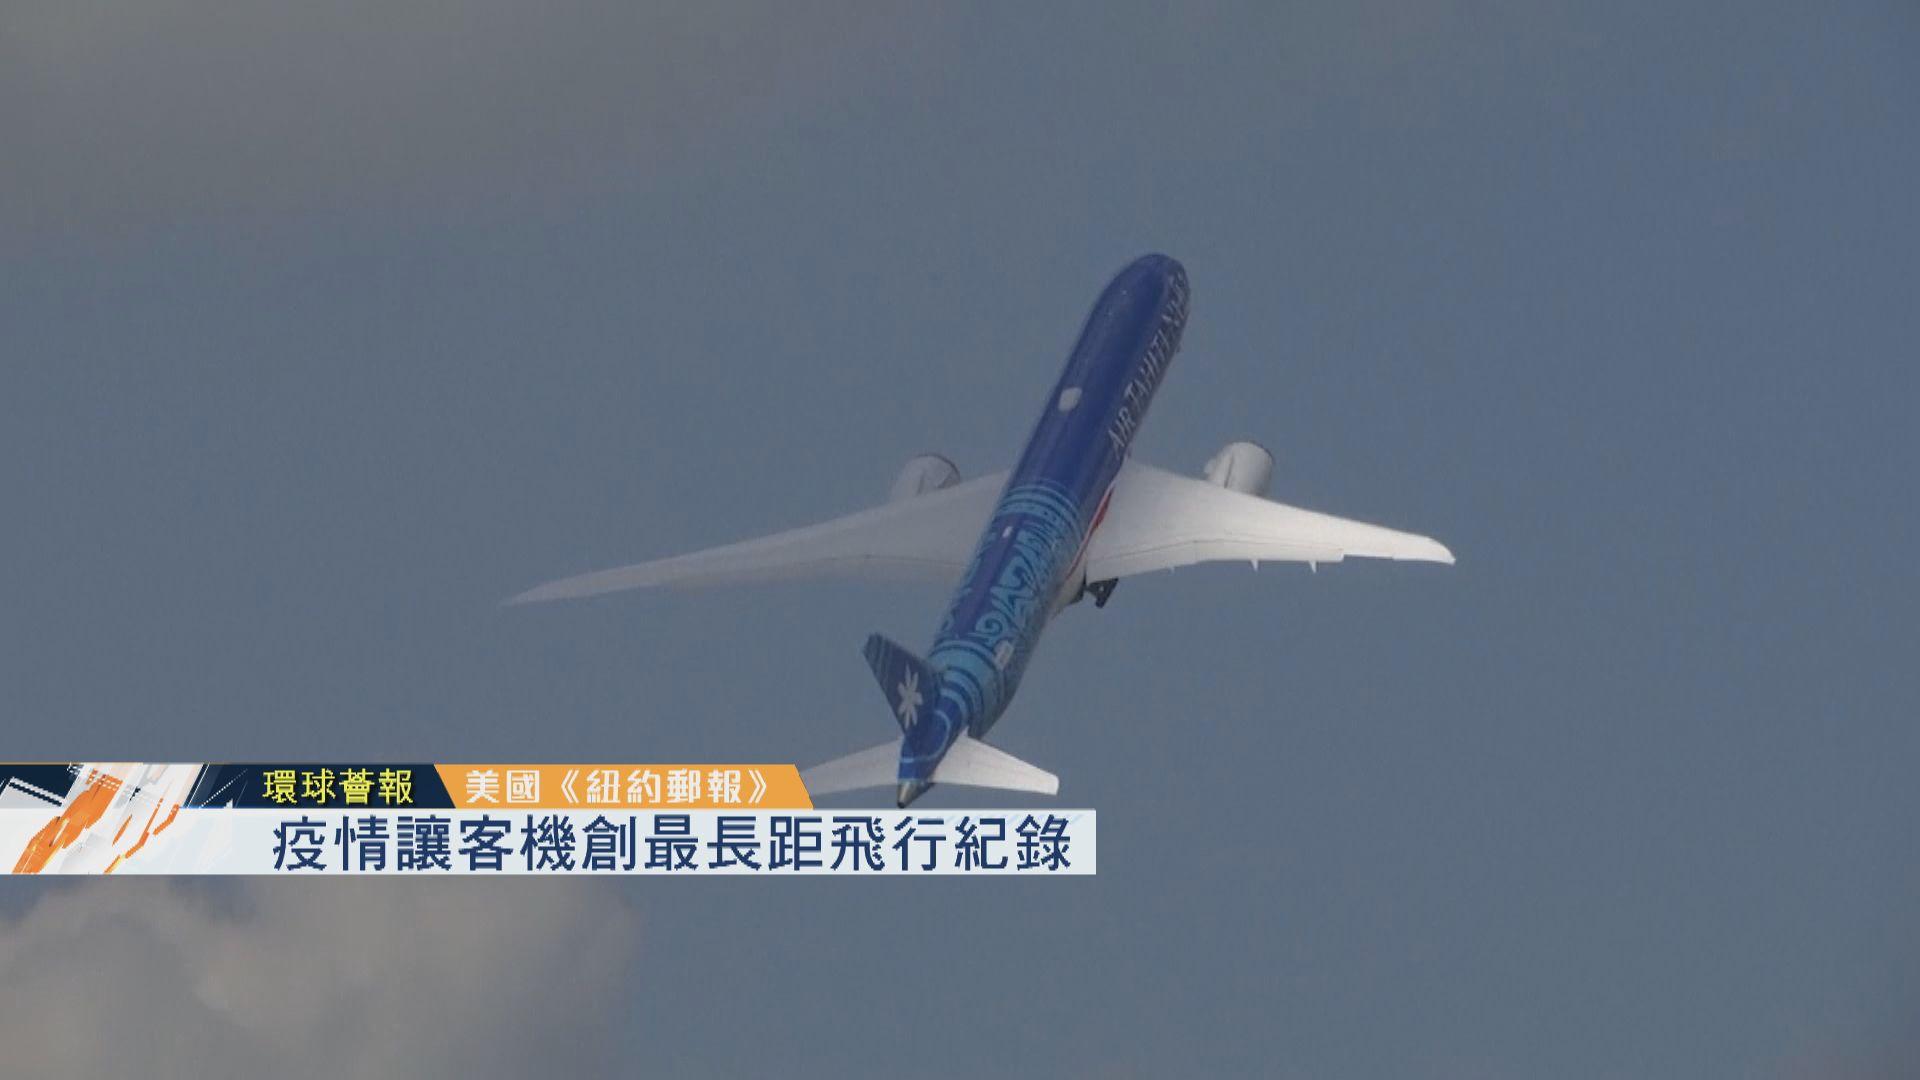 【環球薈報】疫情讓客機創最長距飛行紀錄